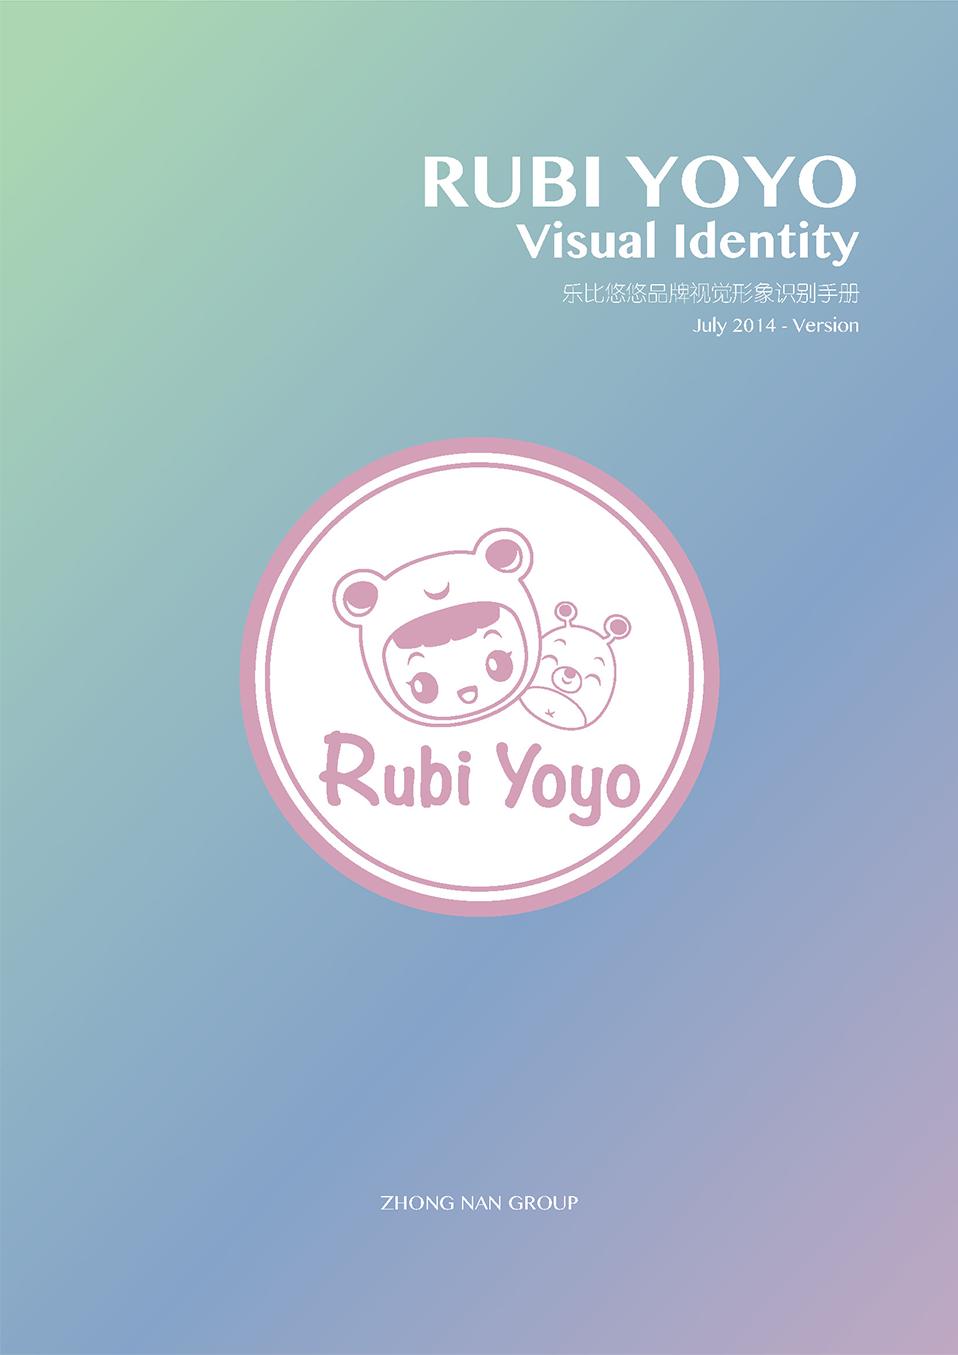 vi设计-品牌设计-画册设计-论坛活动设计_01